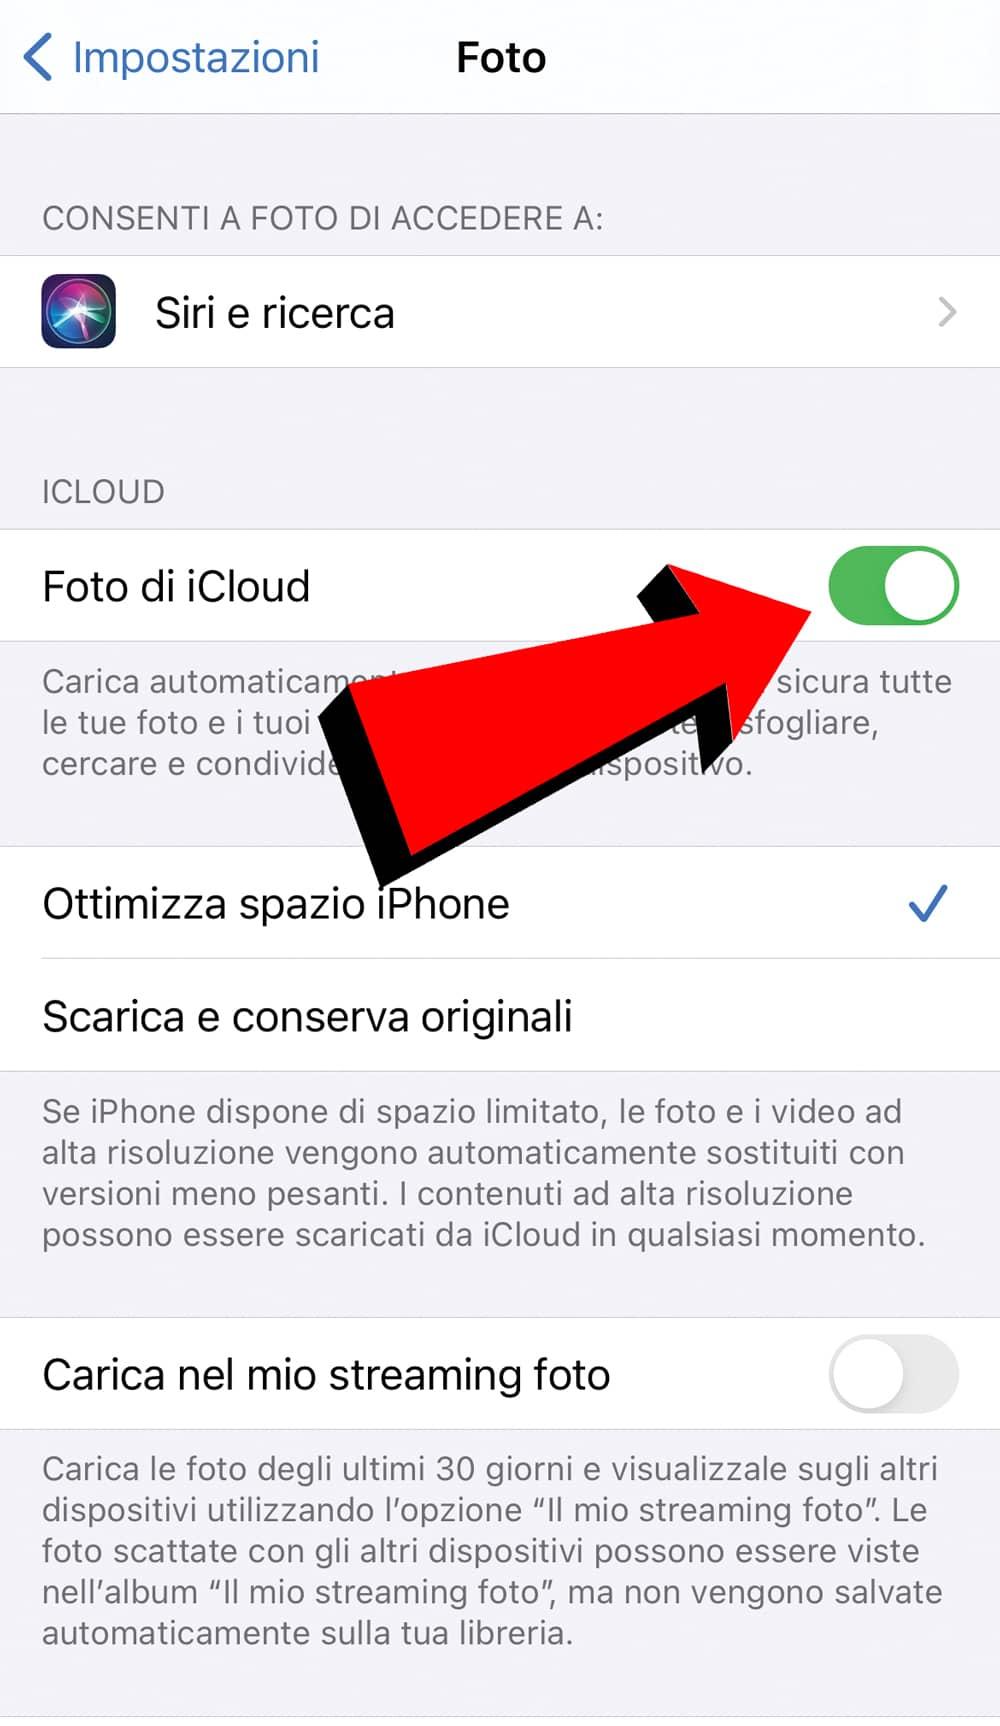 trasferire-foto-da-iphone-a-pc-windows-10